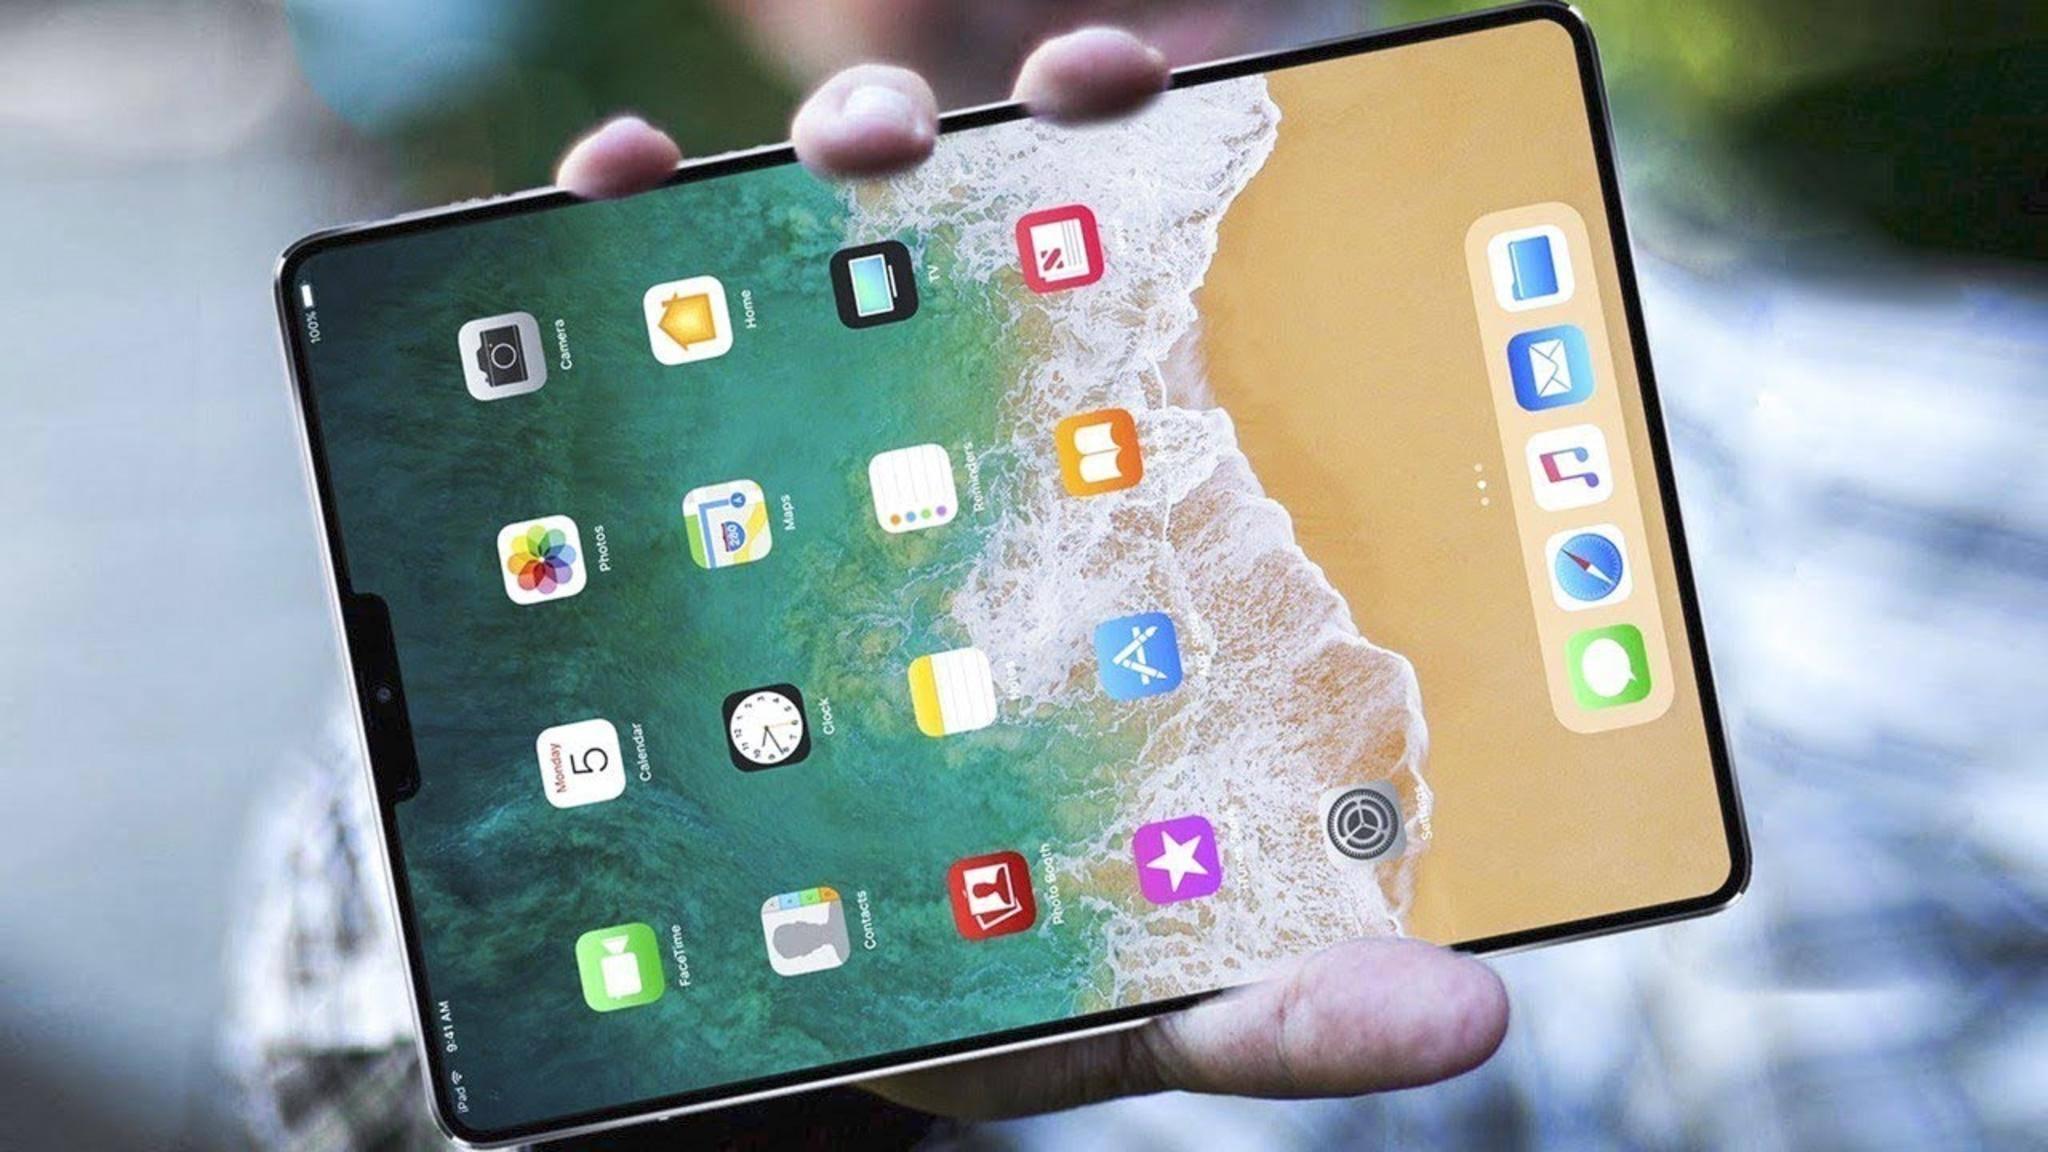 Das iPad mini 5 wird für die erste Jahreshälfte 2019 erwartet.